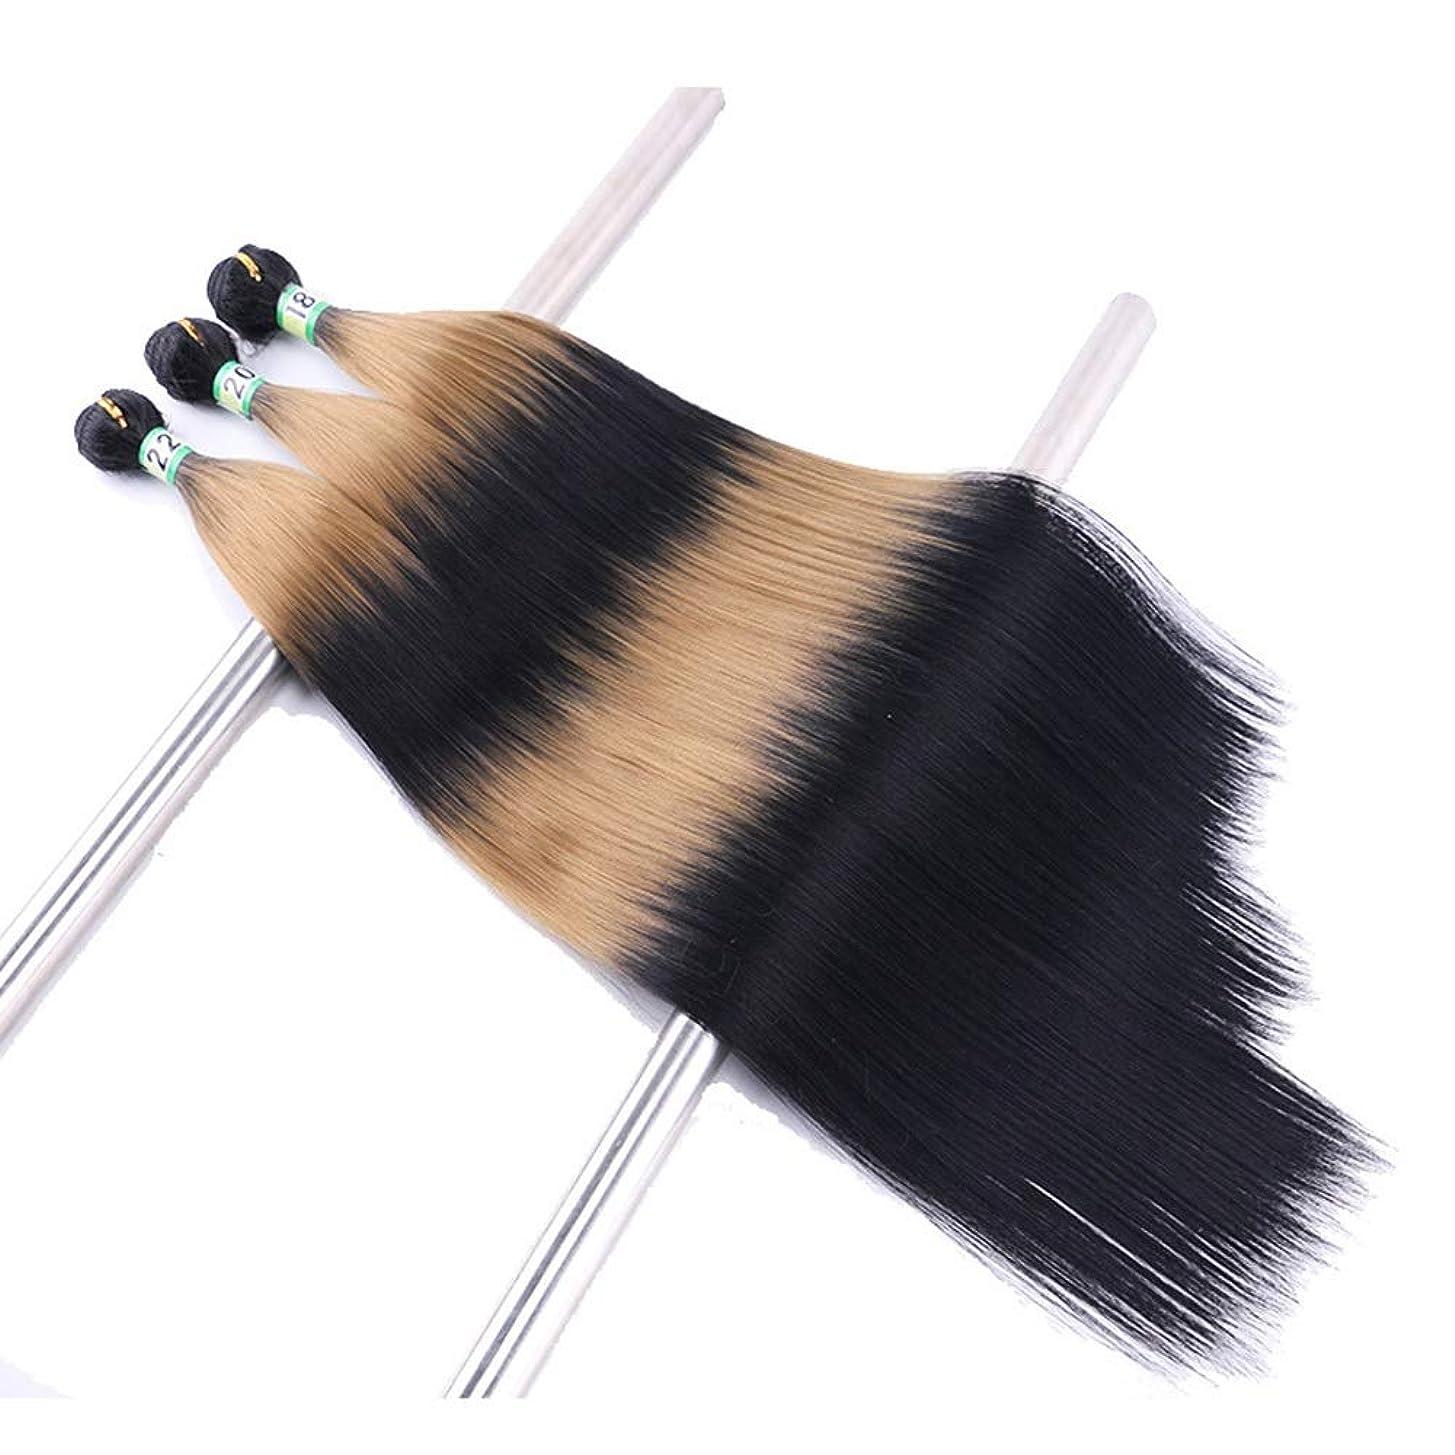 叫び声大きい繁雑BOBIDYEE 3バンドルシルクストレートヘアエクステンション - TTI / 27黒と茶色のツートンカラーの人工毛髪のかつらロールウィッグロールプレイングウィッグロングとショートの女性自然 (色 : ブラウン, サイズ : 18